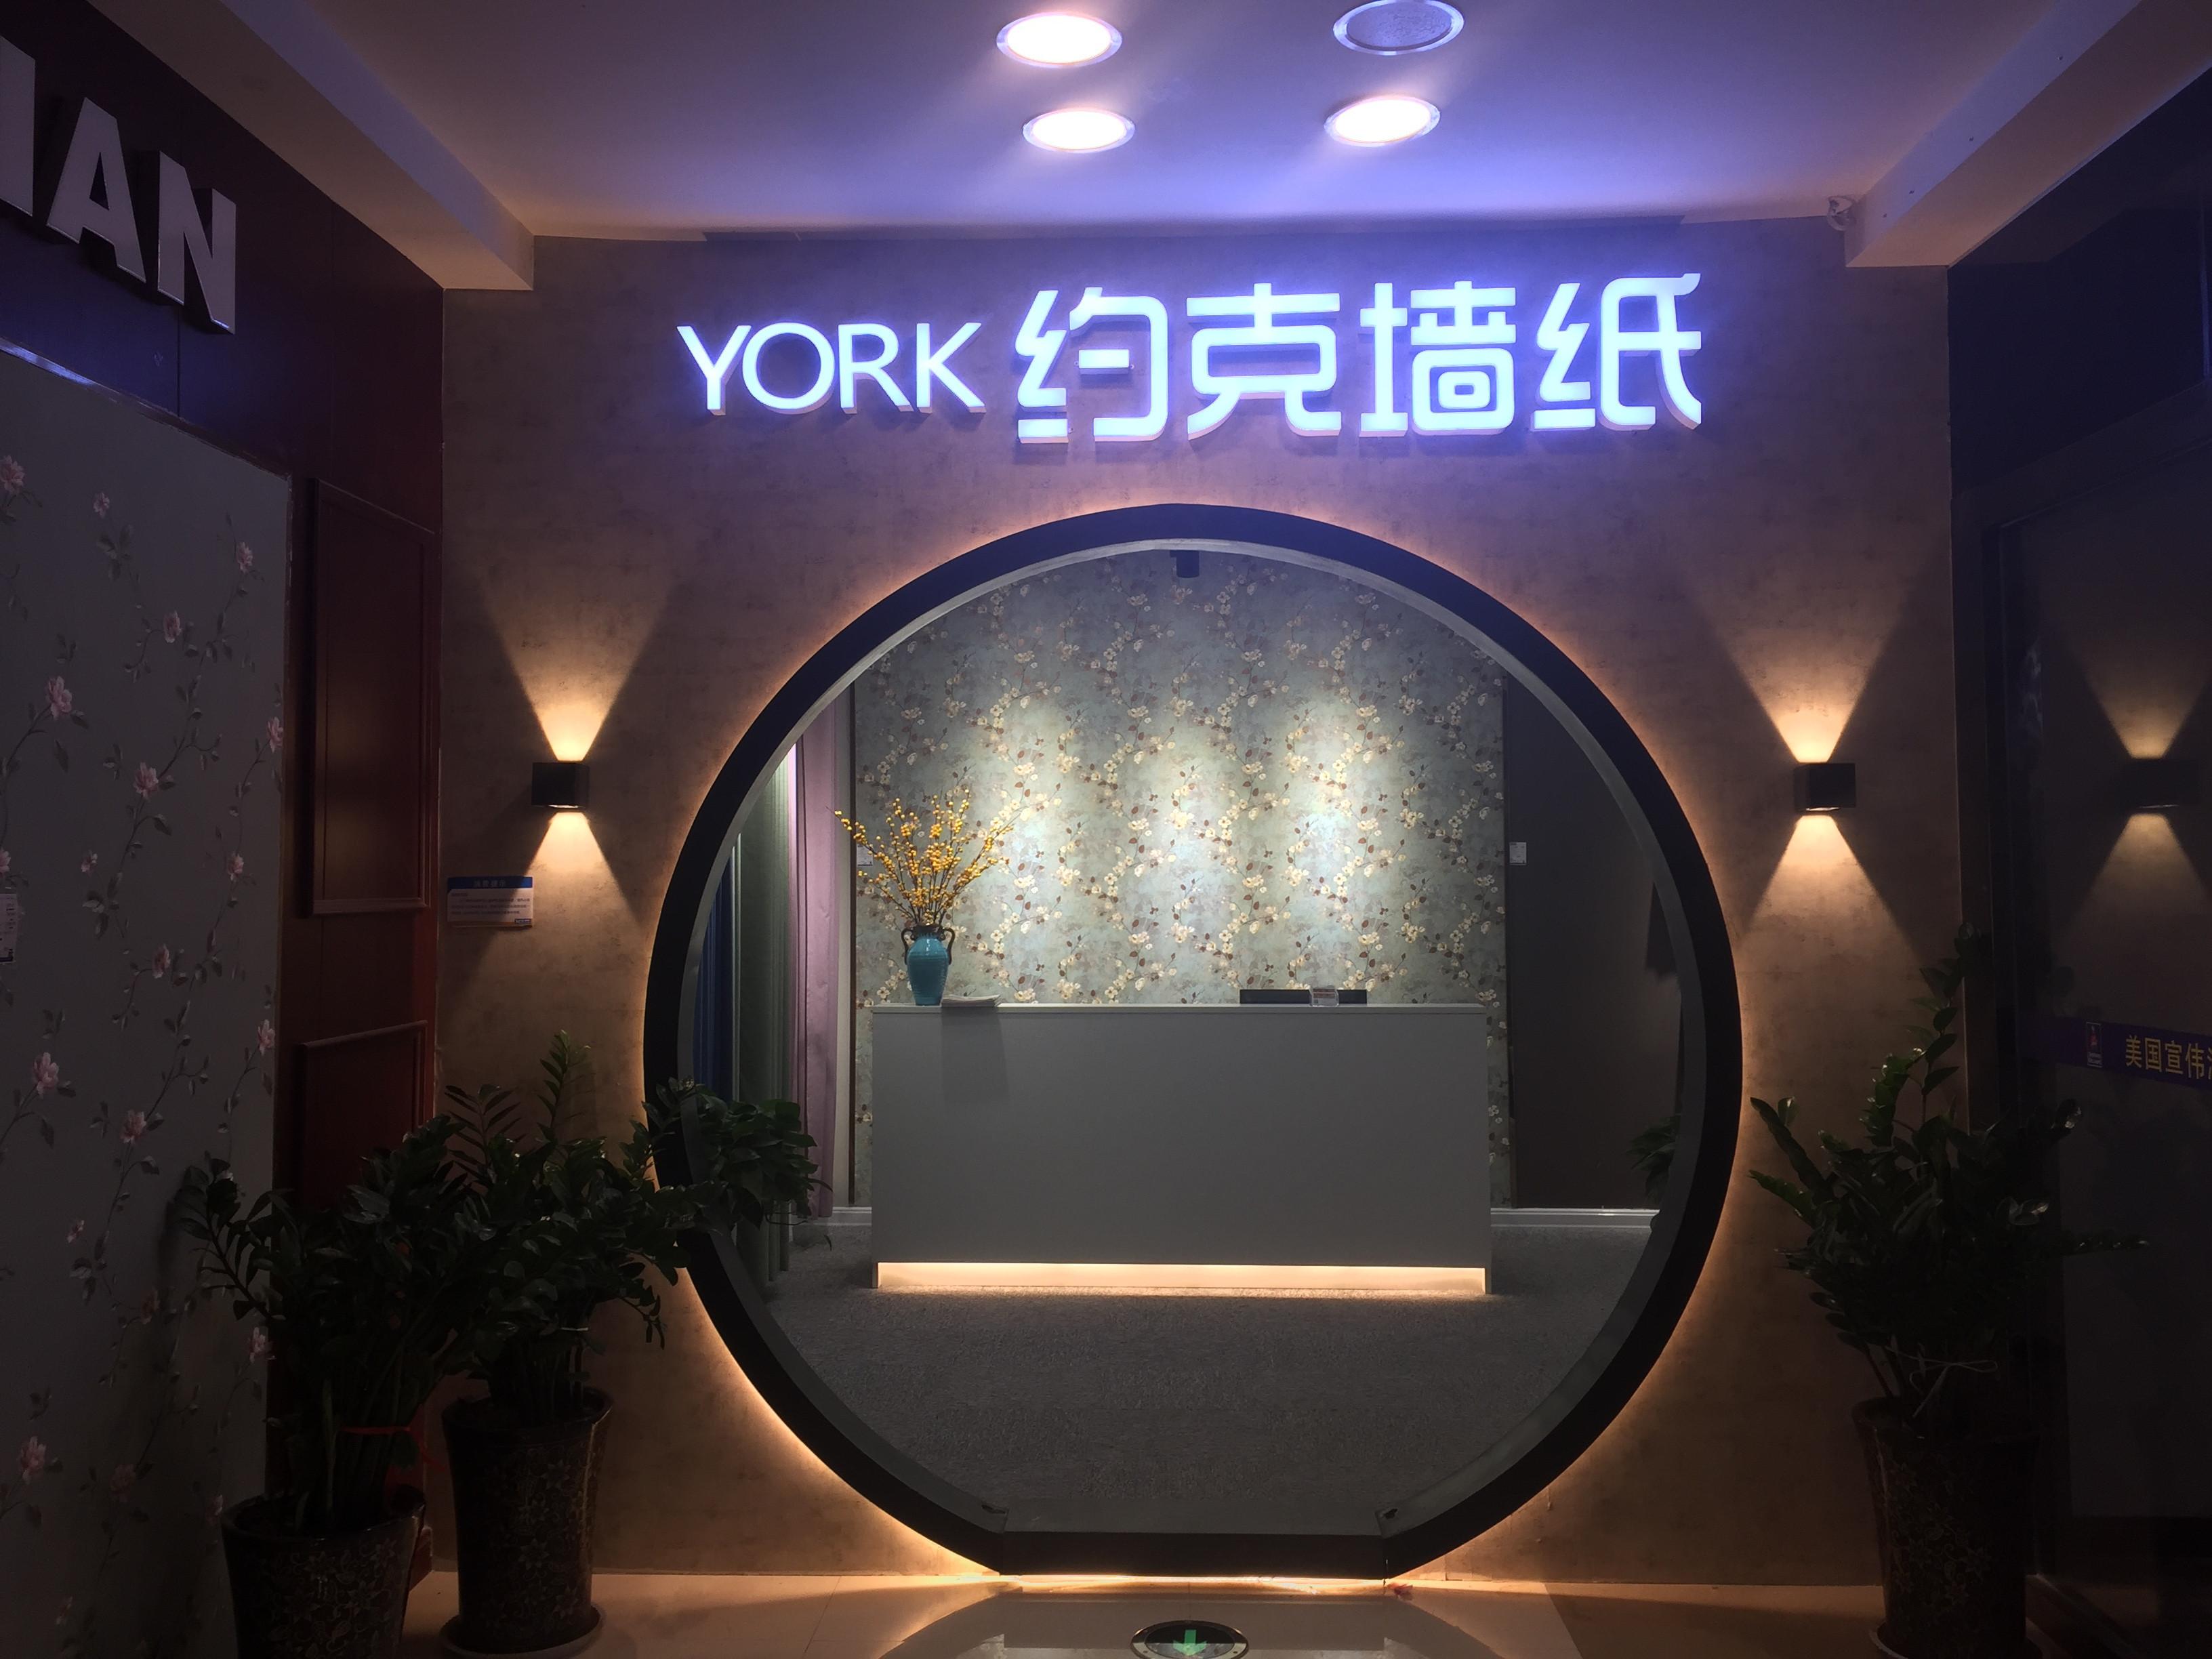 YORK(西安北二环商场)